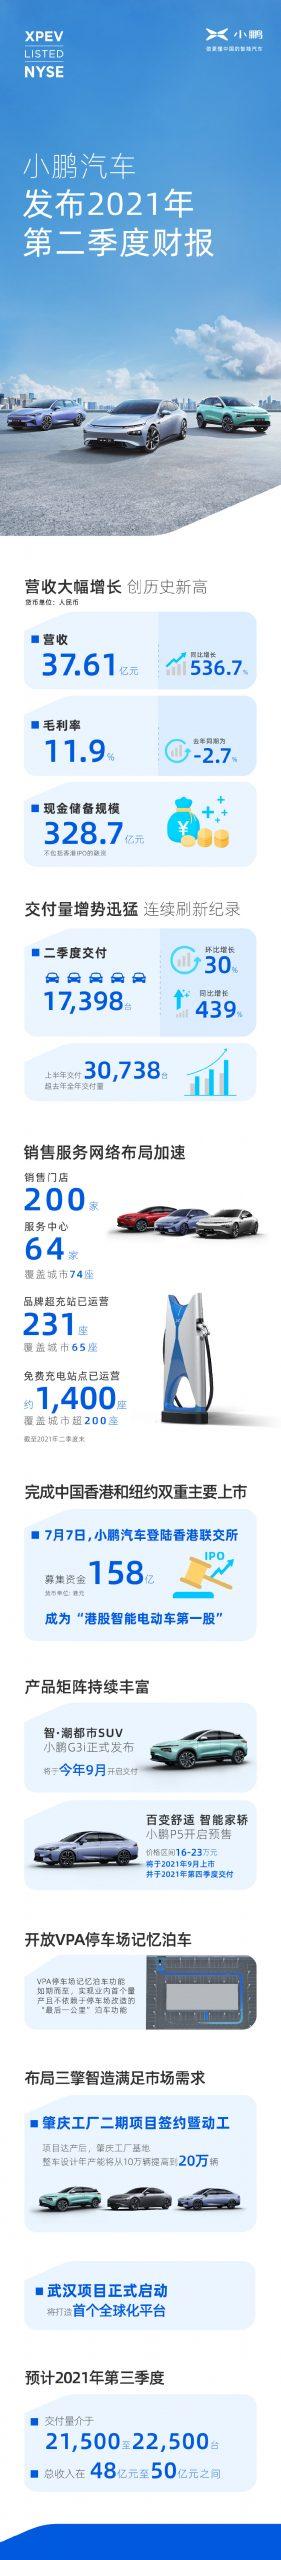 小鹏汽车第二季度总收入37.61亿元,同比上升536.7%